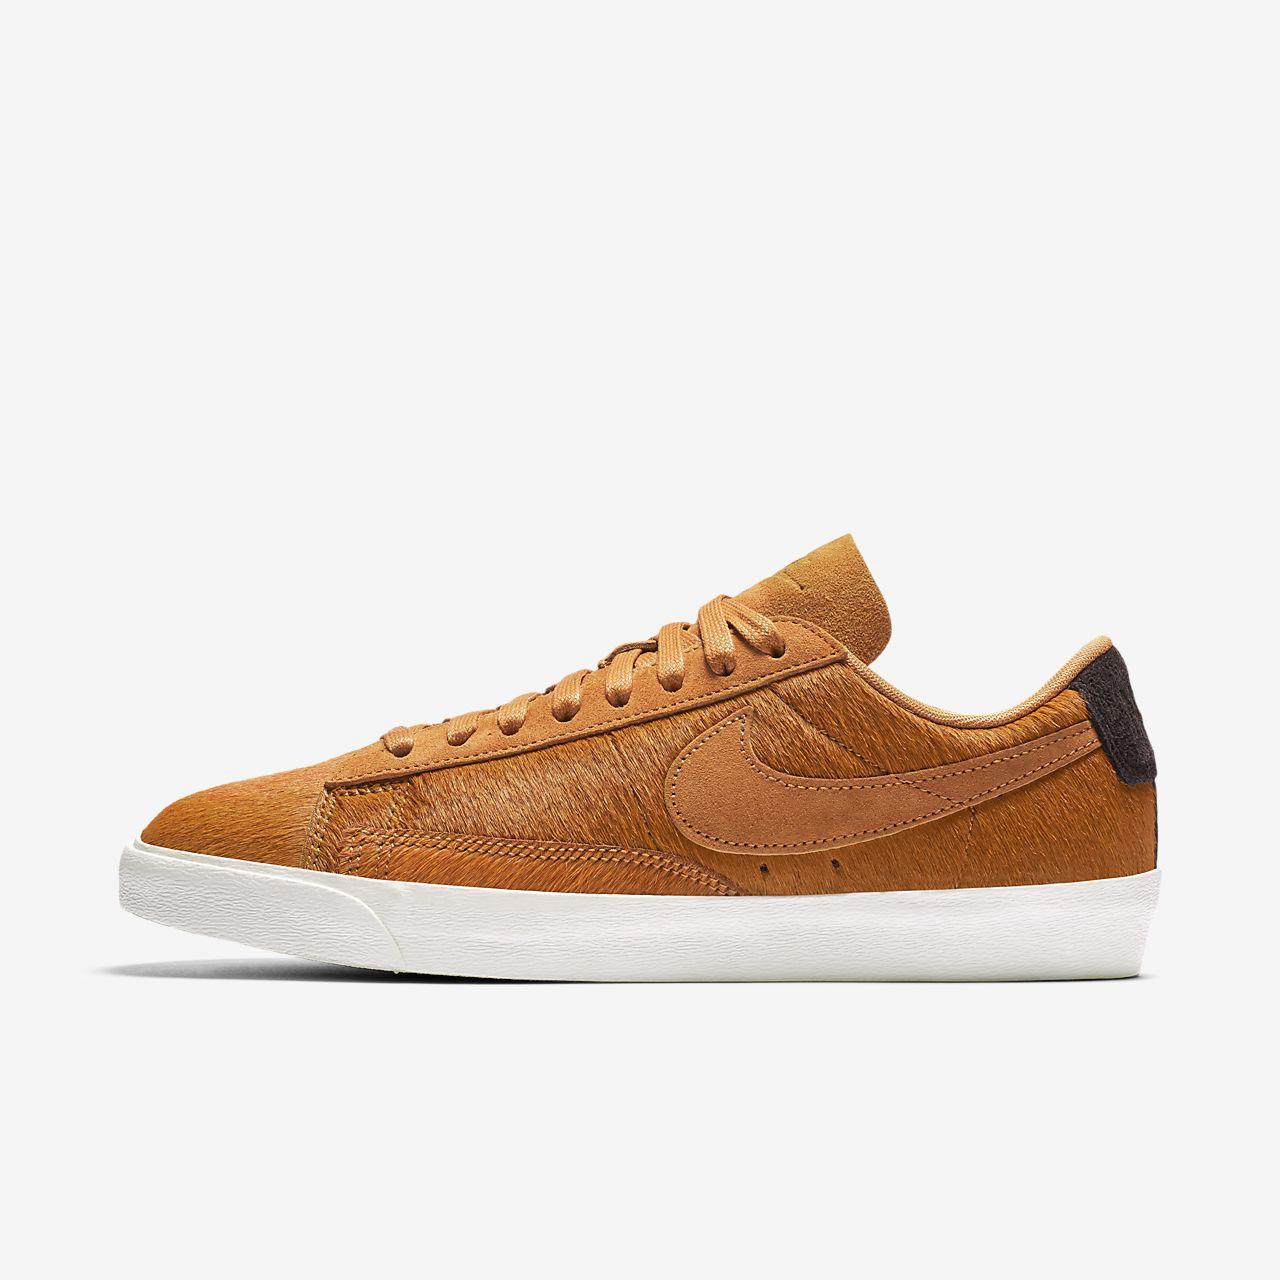 1710 Nike Blazer Low Lx Women's Sneakers Sports Shoes AA2017-200